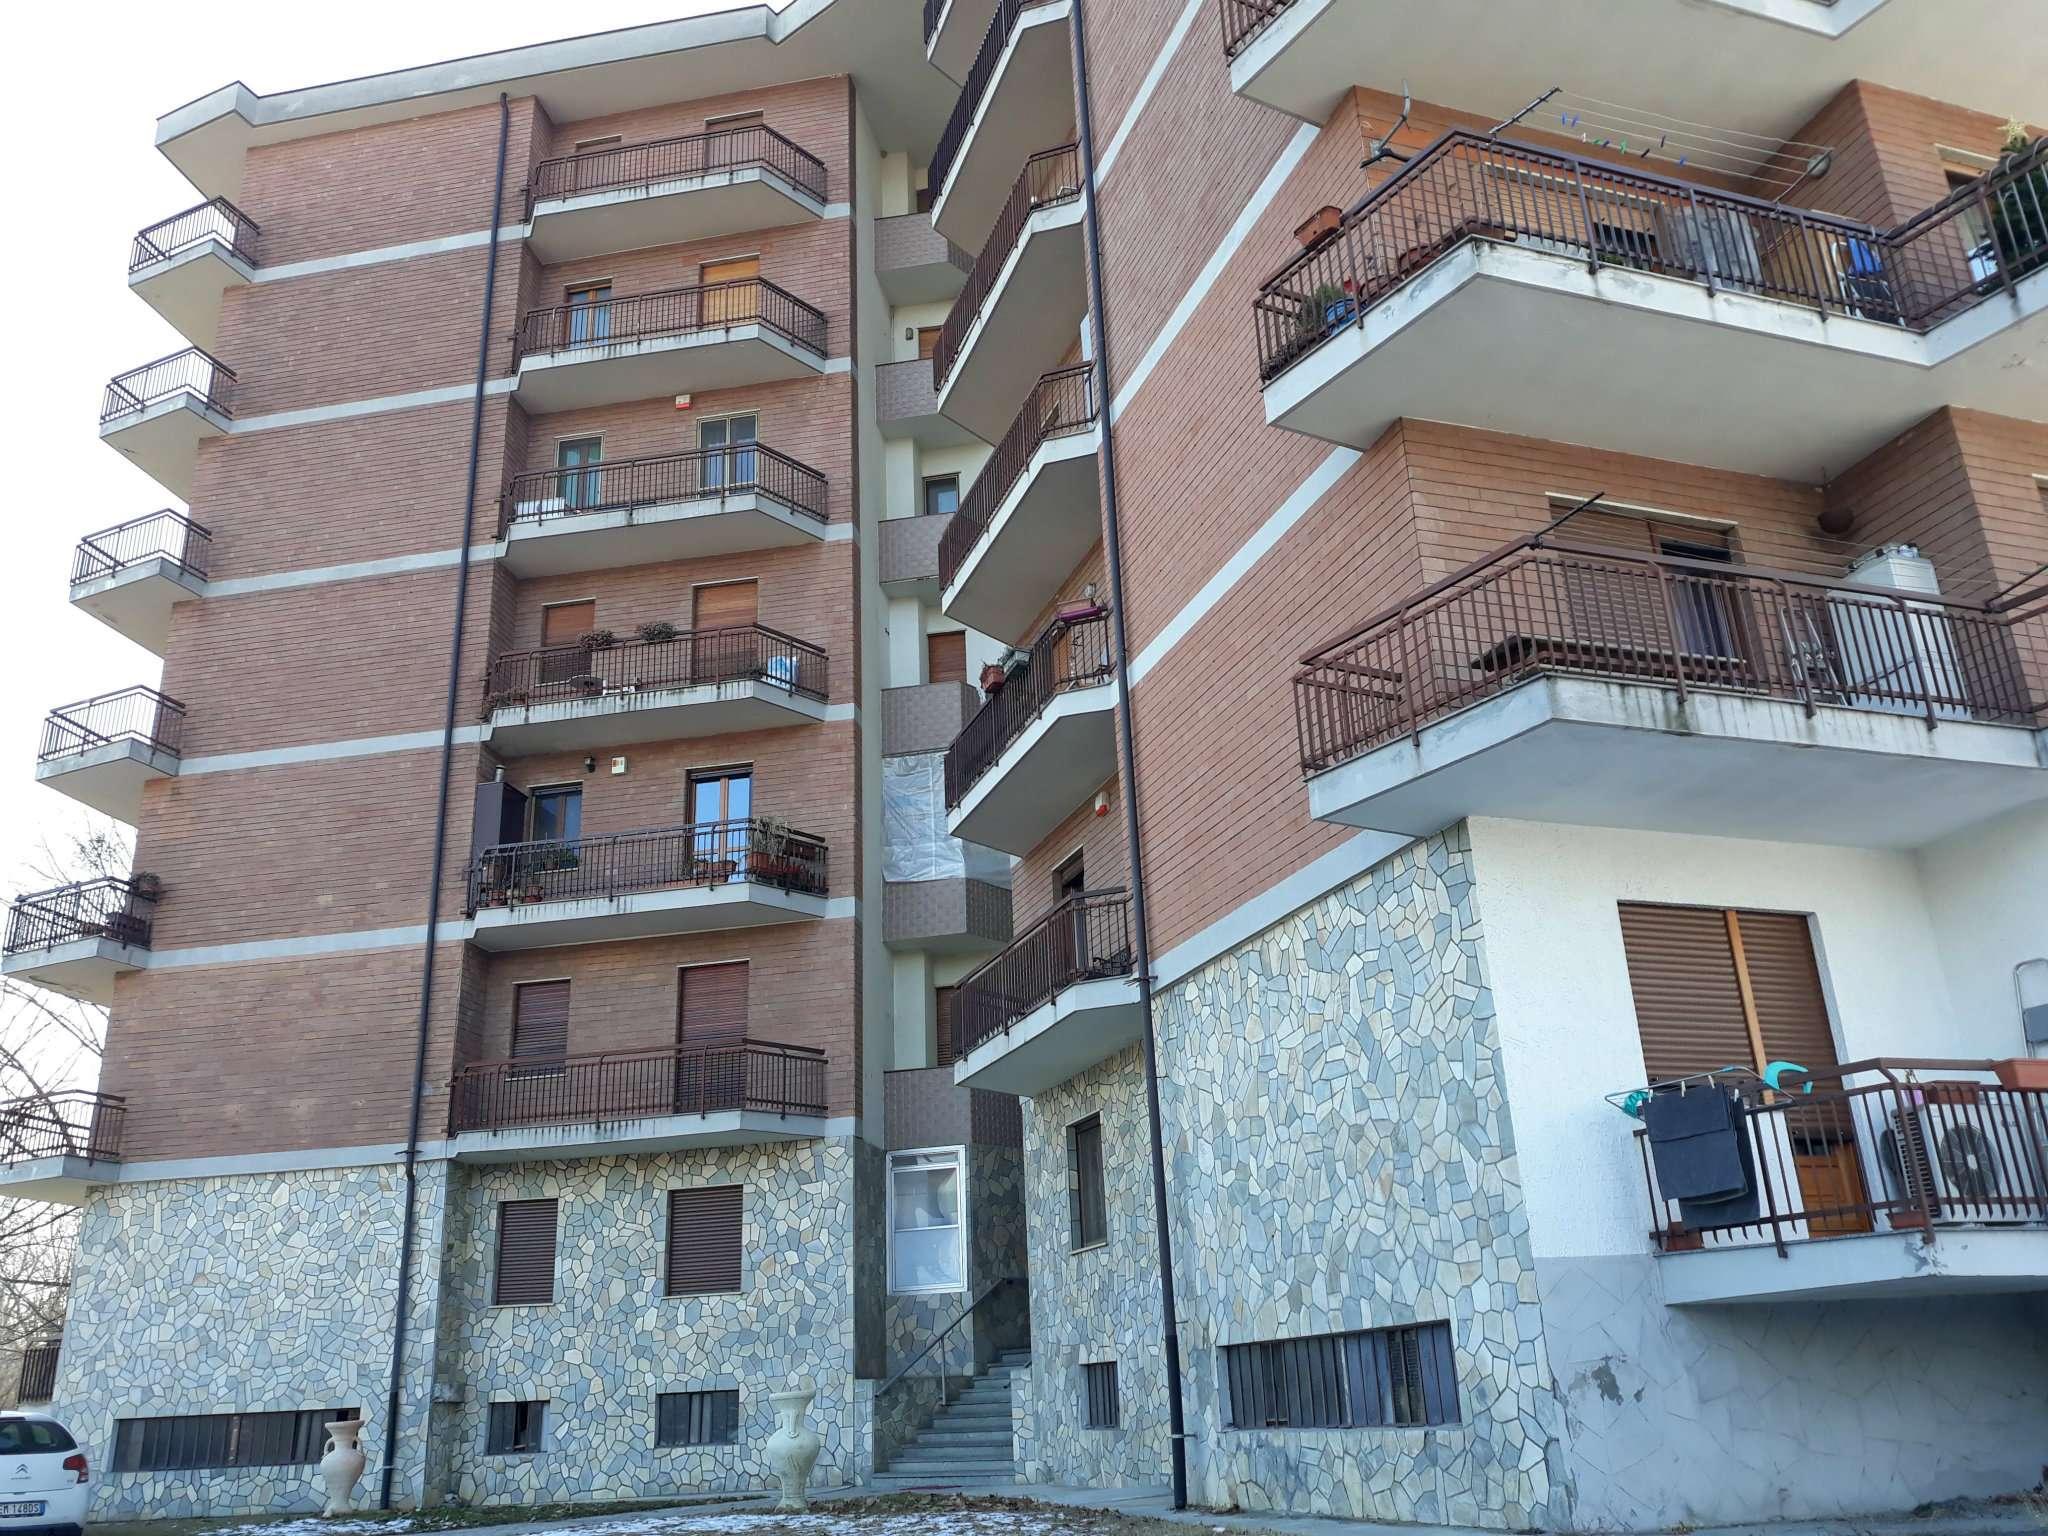 Appartamento in vendita a Robassomero, 4 locali, prezzo € 117.000 | CambioCasa.it